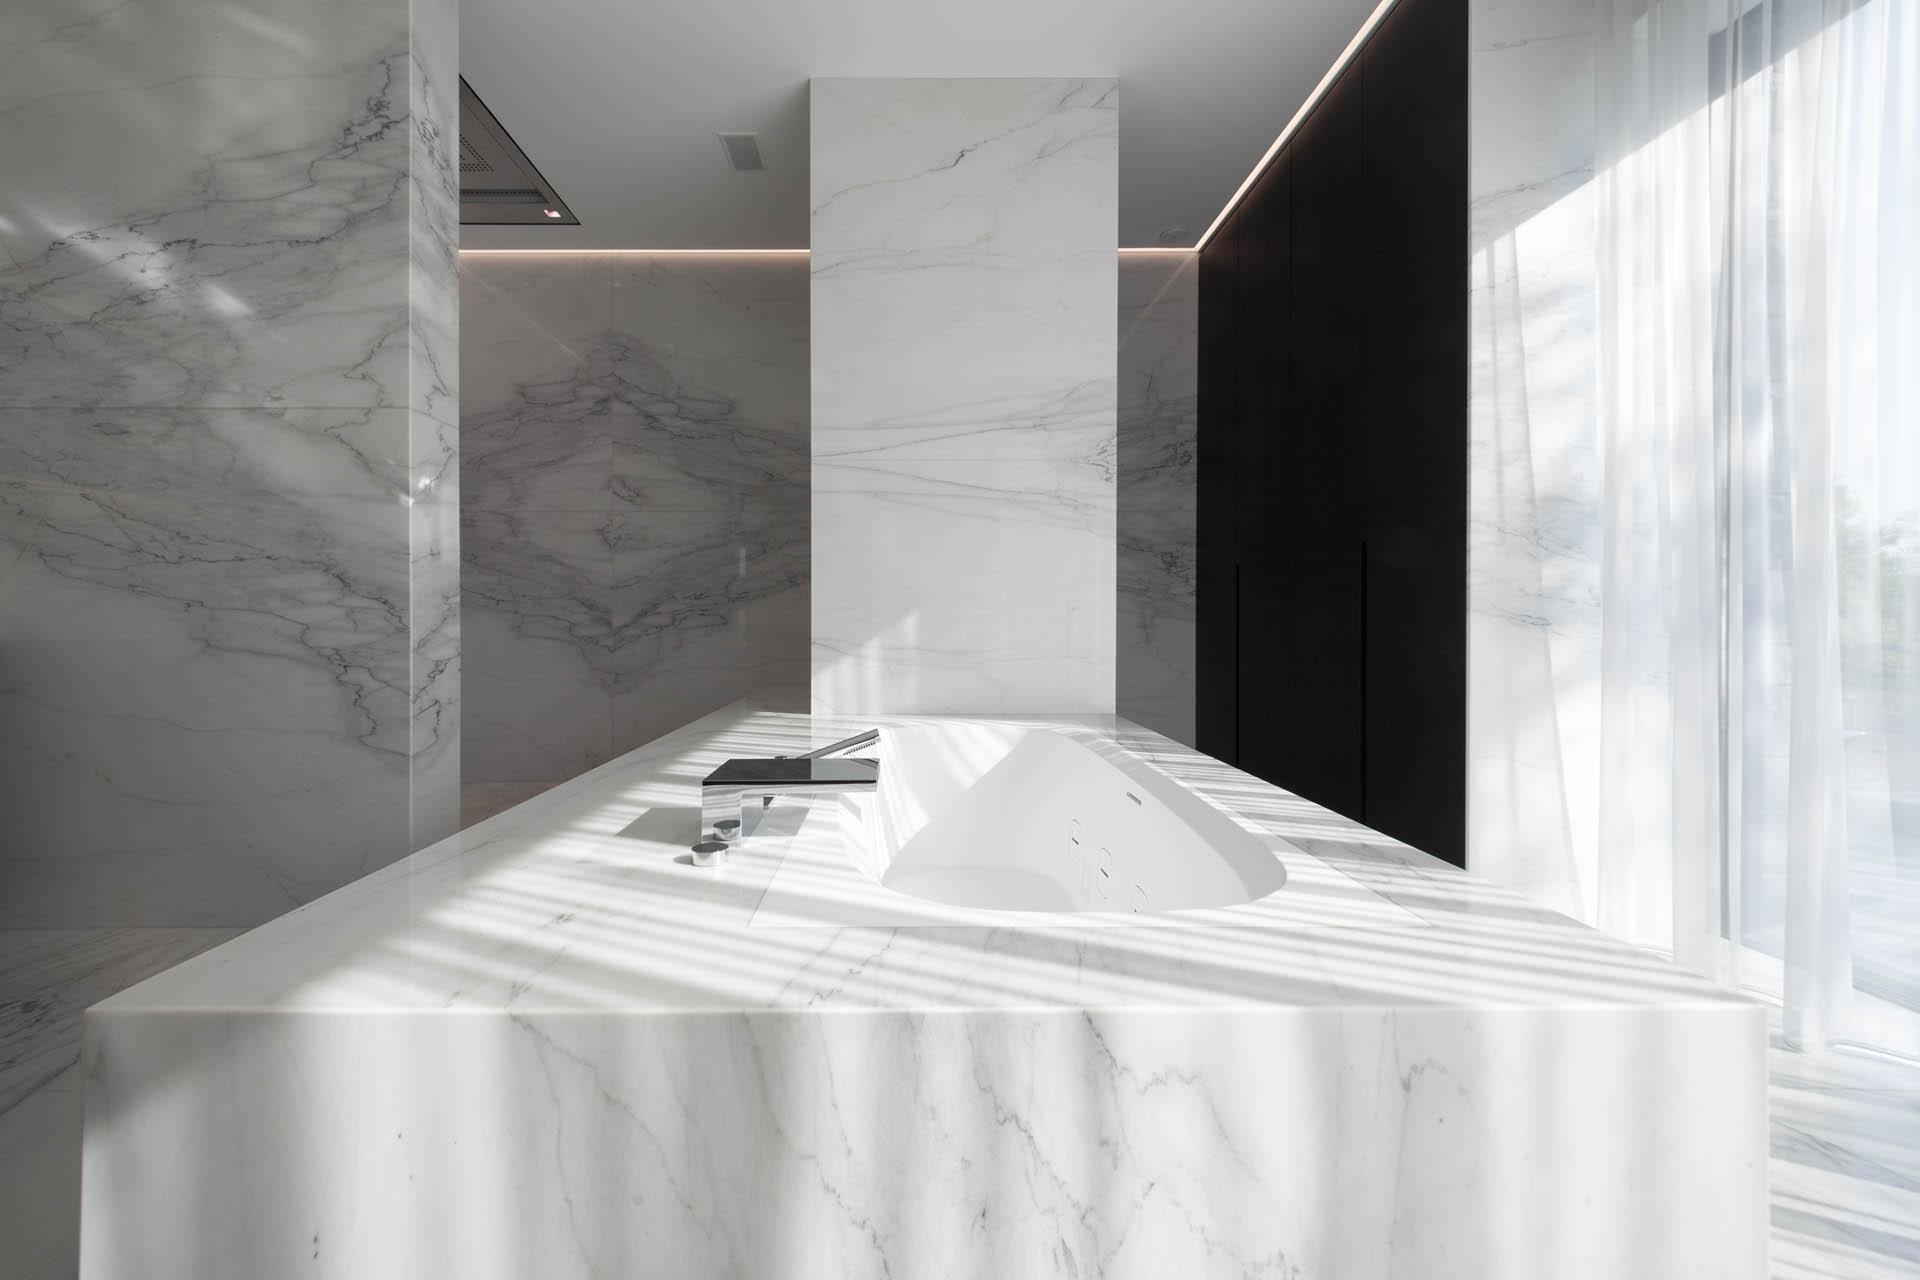 Luxus Designbäder aus Stein vom Badstudio Radermacher in NRW und Luxemburg